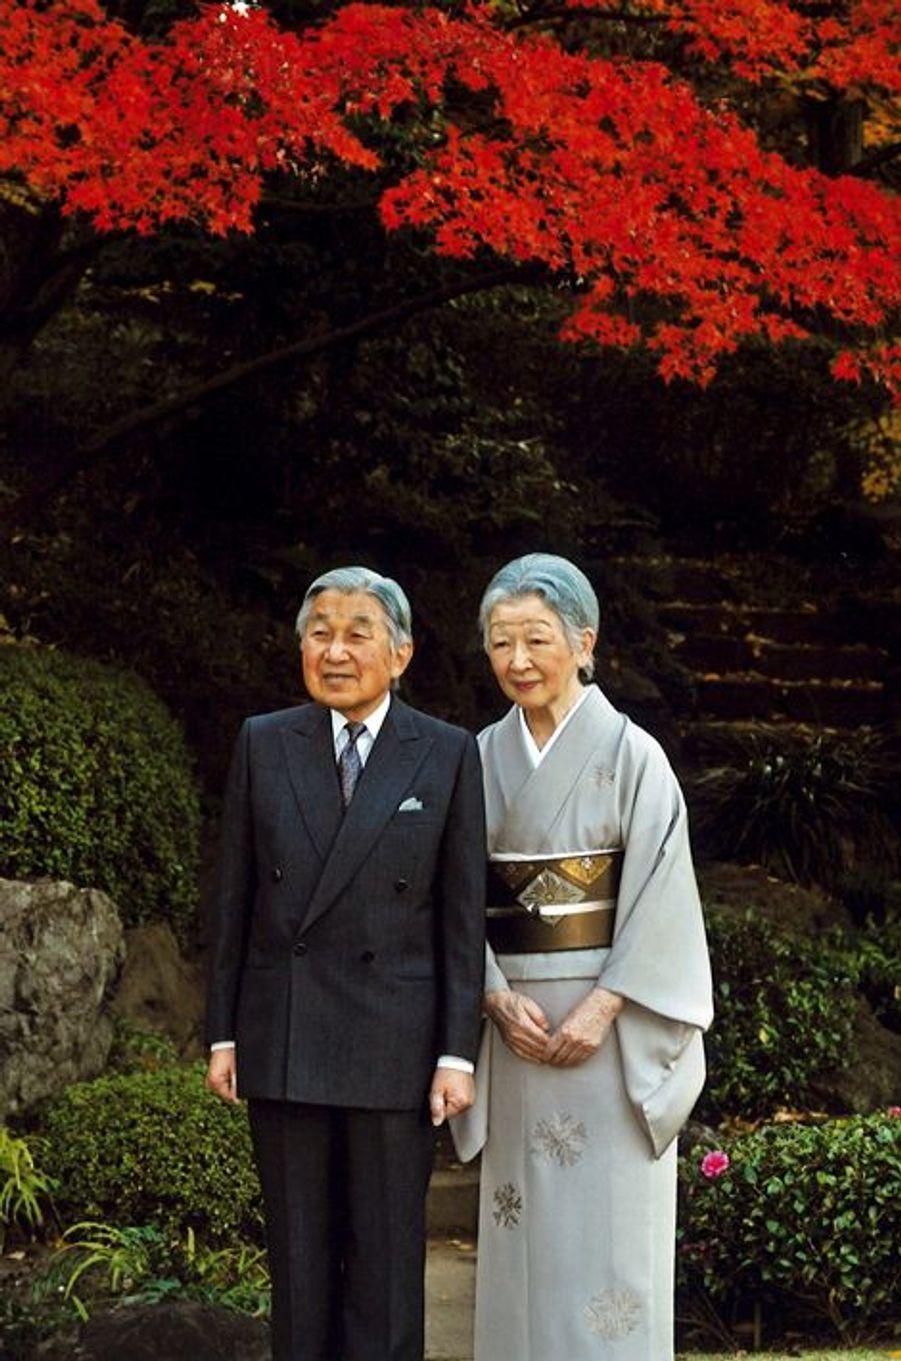 L'empereur Akihito et l'impératrice Michiko du Japon au Palais impérial à Tokyo, le 9 décembre 2015